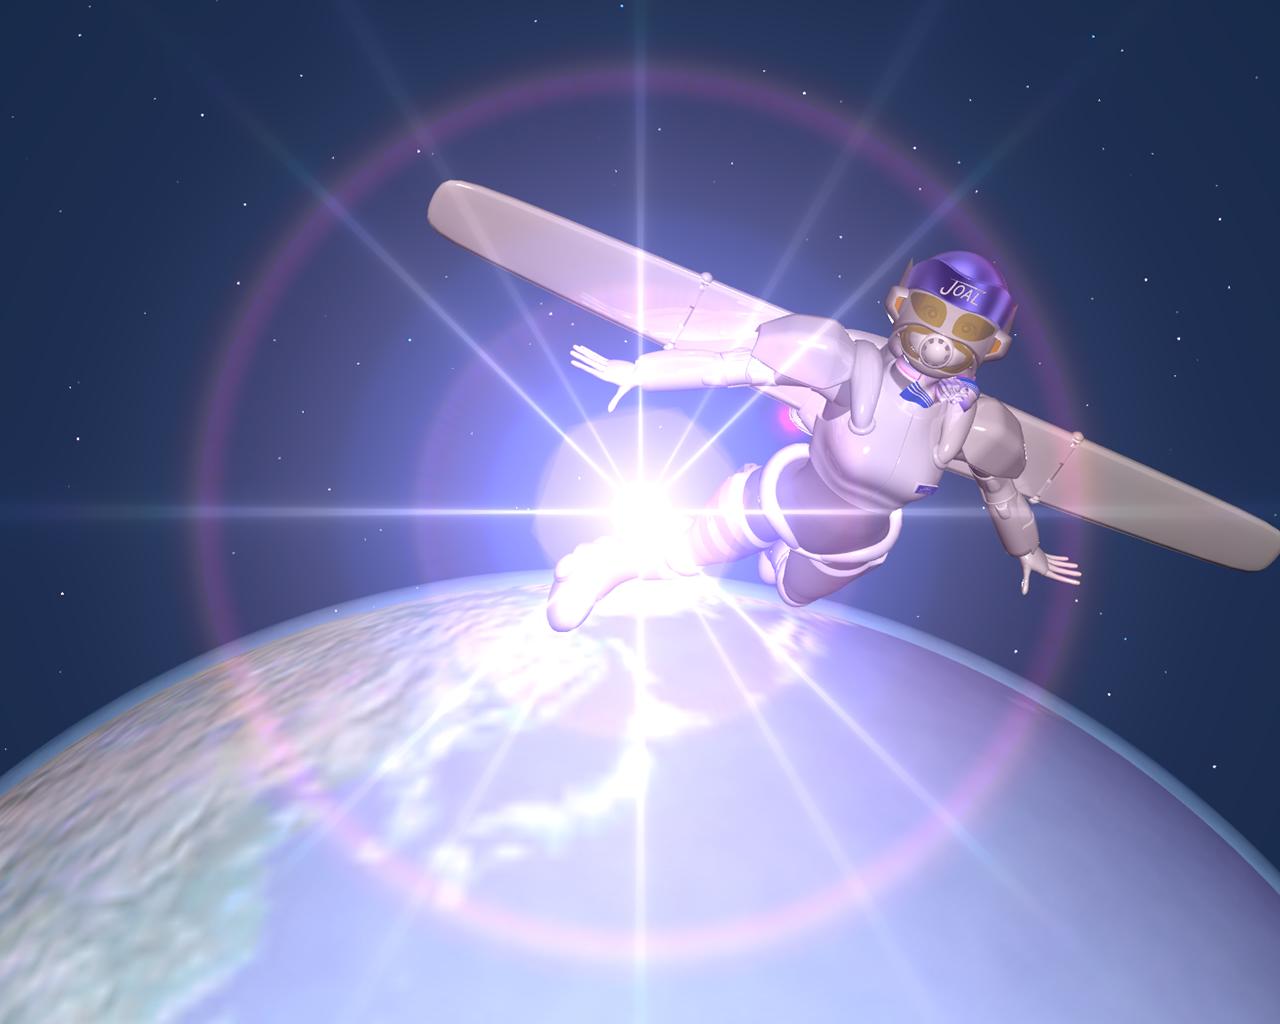 2009年4月 宇宙のスチュワーデス女傑